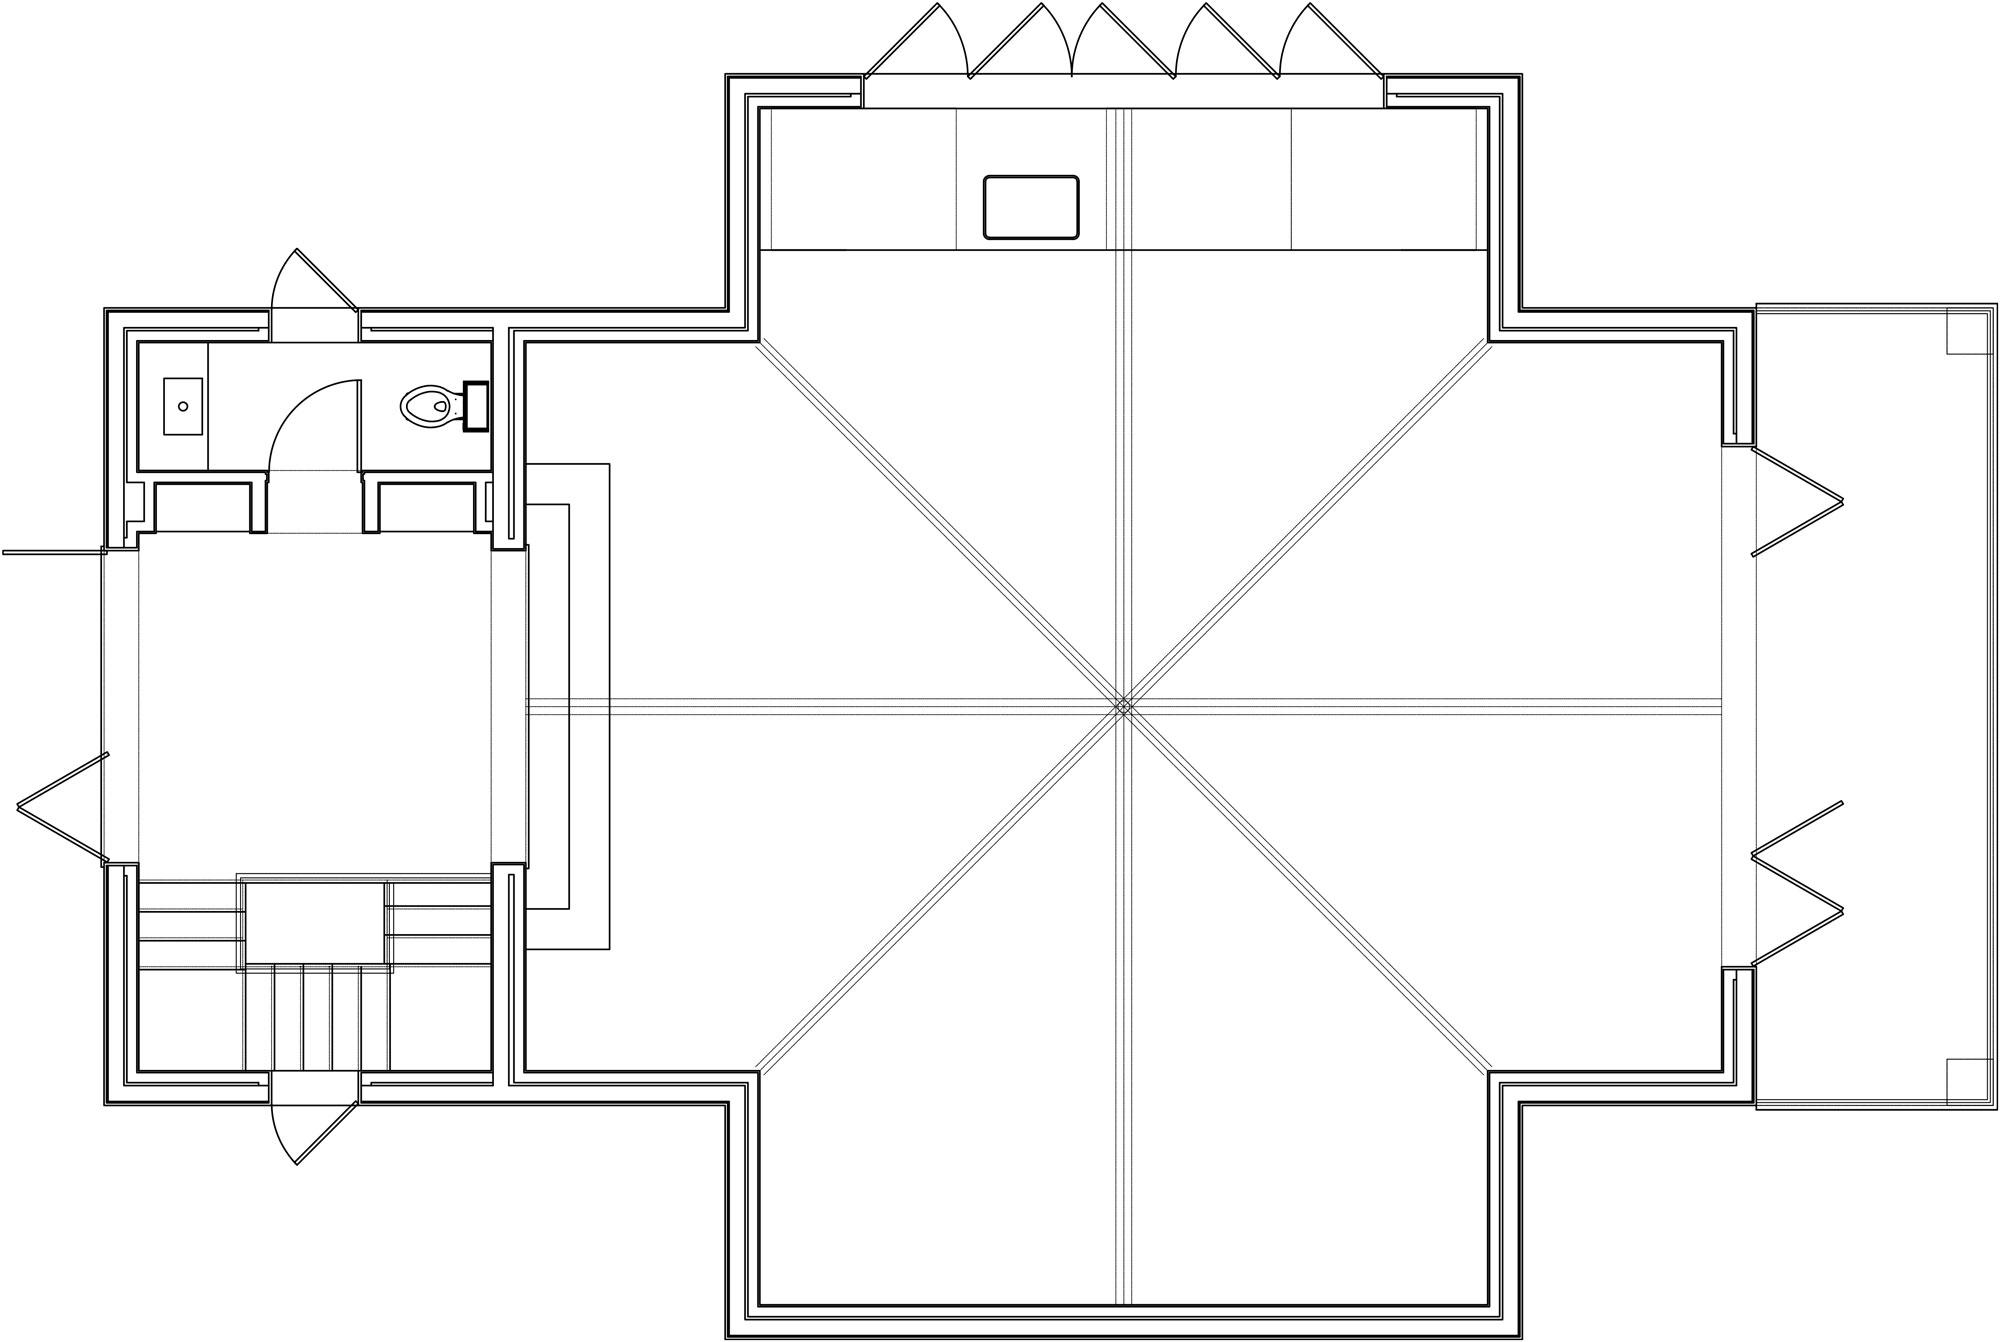 7-HOLLYWOOD-ART-STUDIO-UPPER-FLOOR-PLAN.jpg